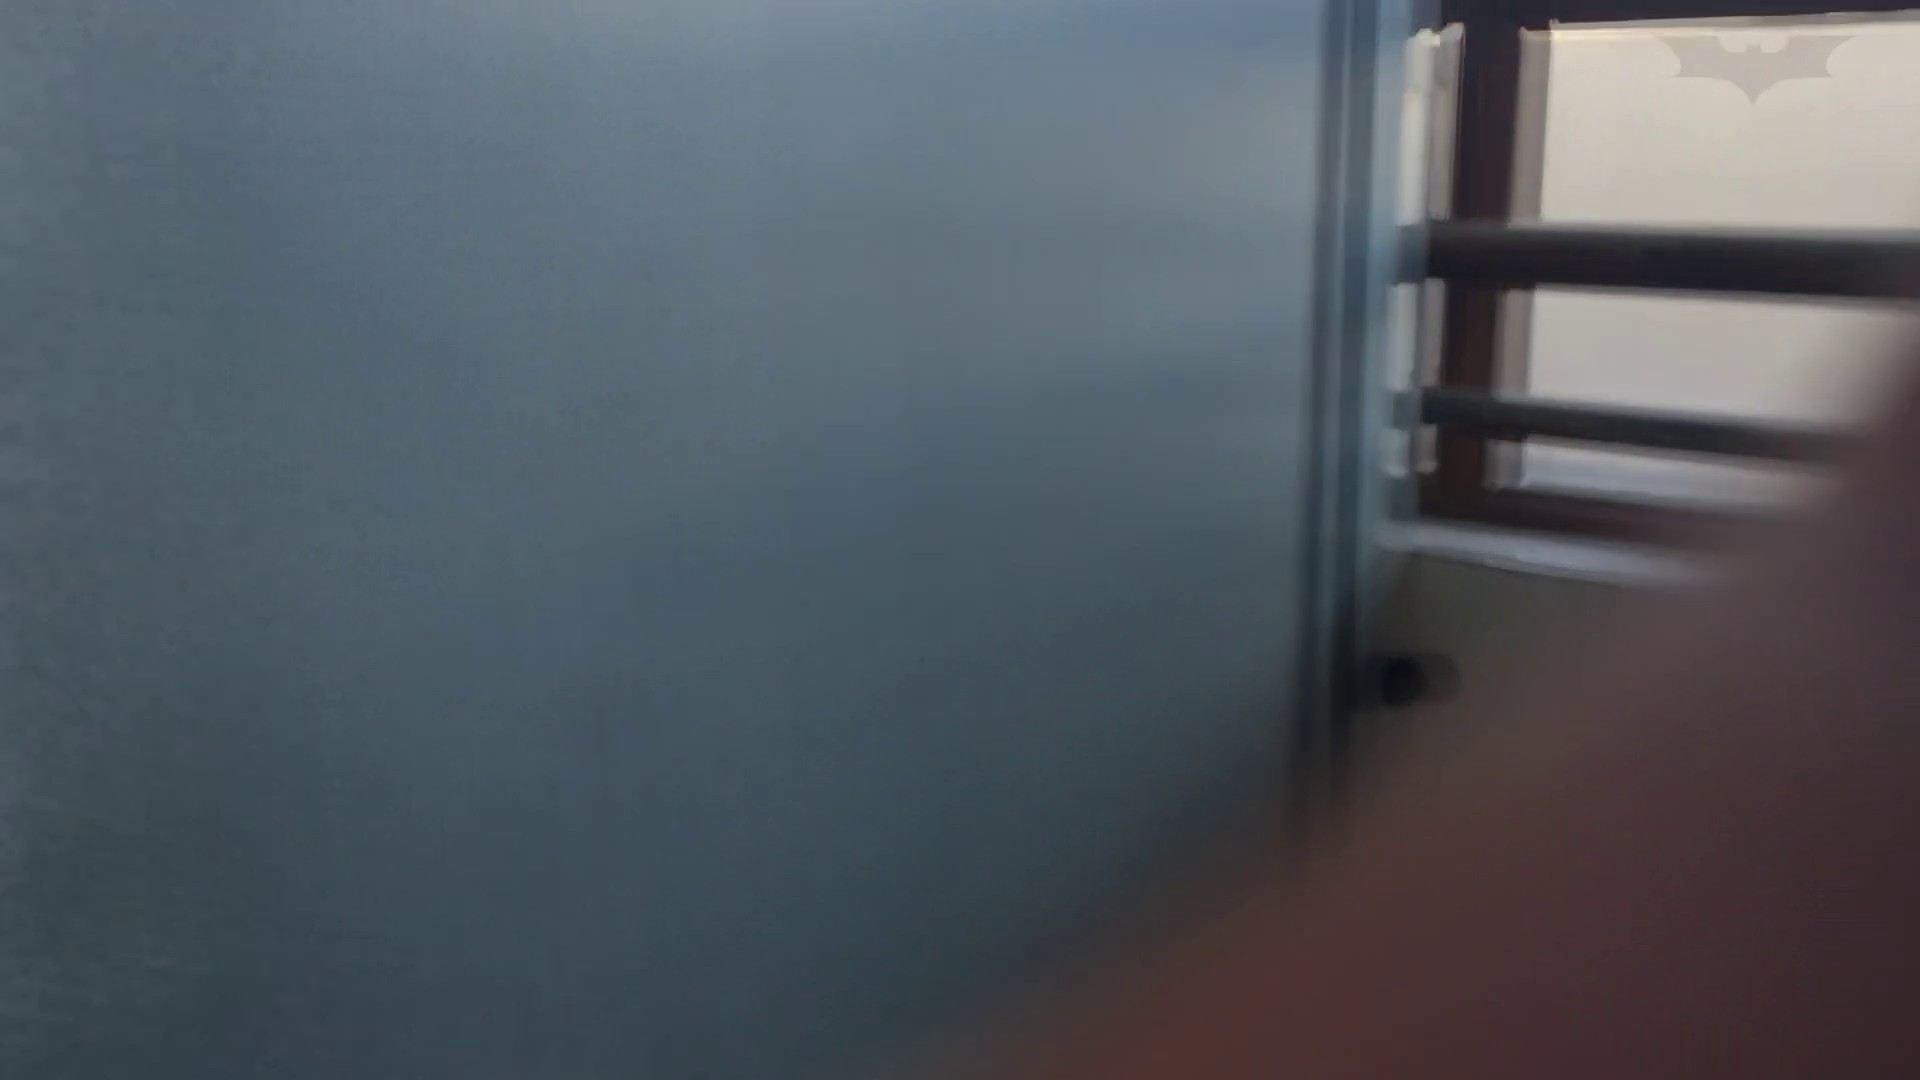 芸術大学ガチ潜入盗撮 JD盗撮 美女の洗面所の秘密 Vol.81 OLの実態 盗み撮りオマンコ動画キャプチャ 83pic 50